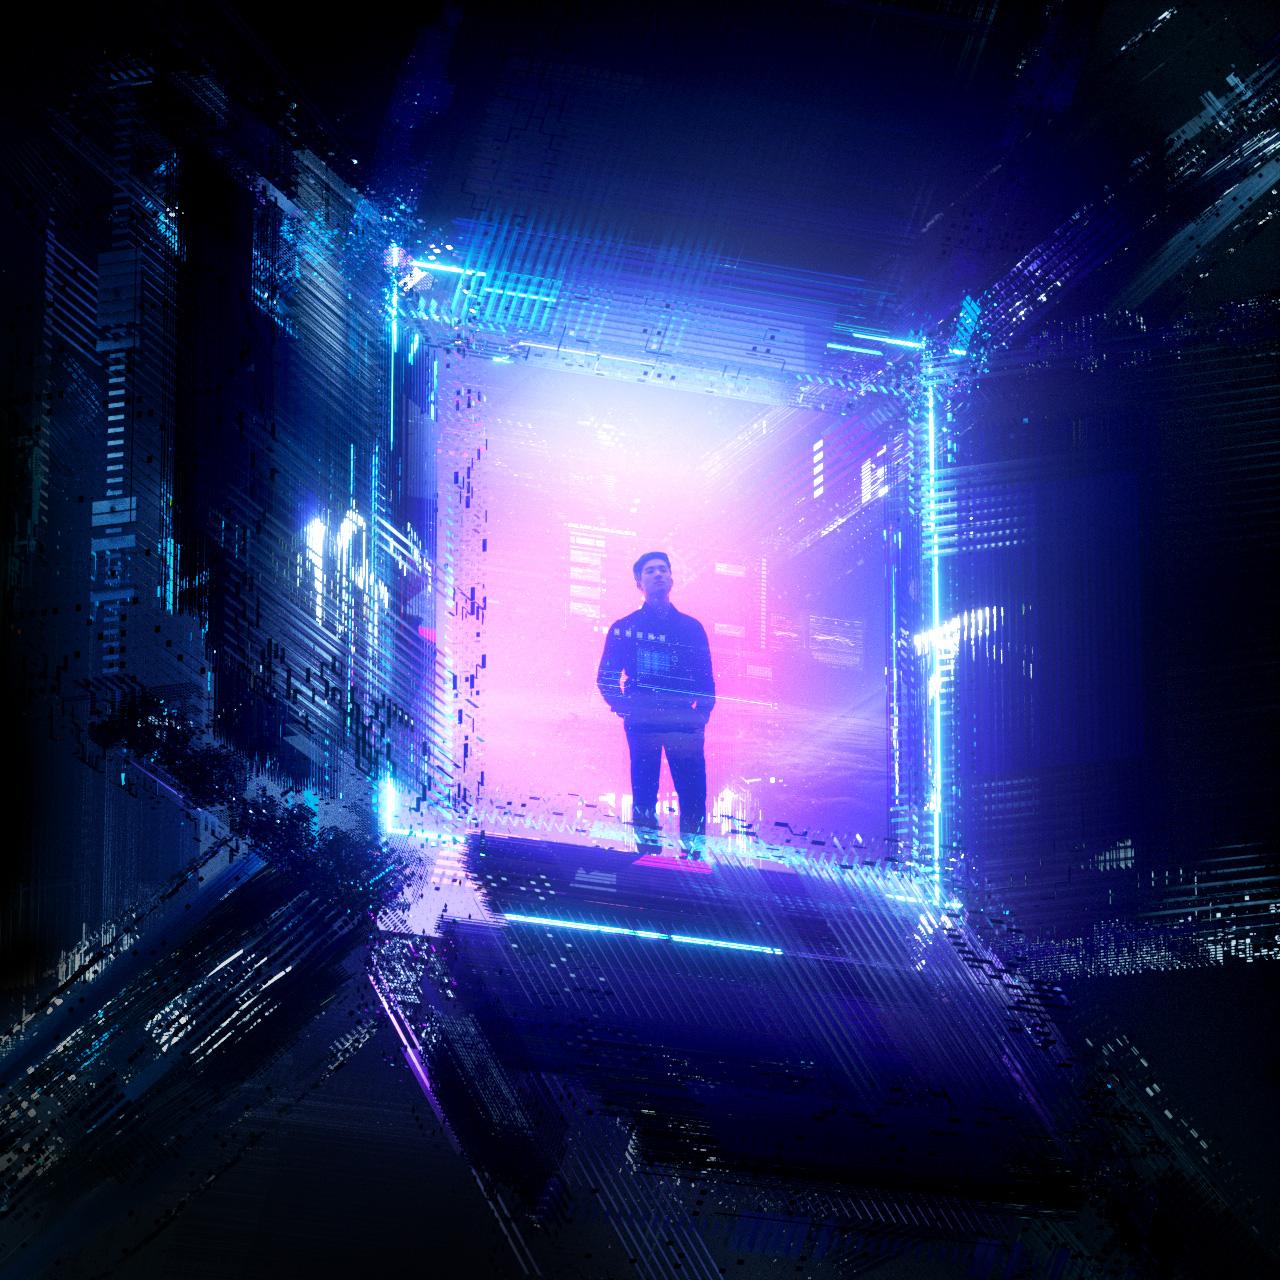 AF-Cube-SpaceScene_web.jpg